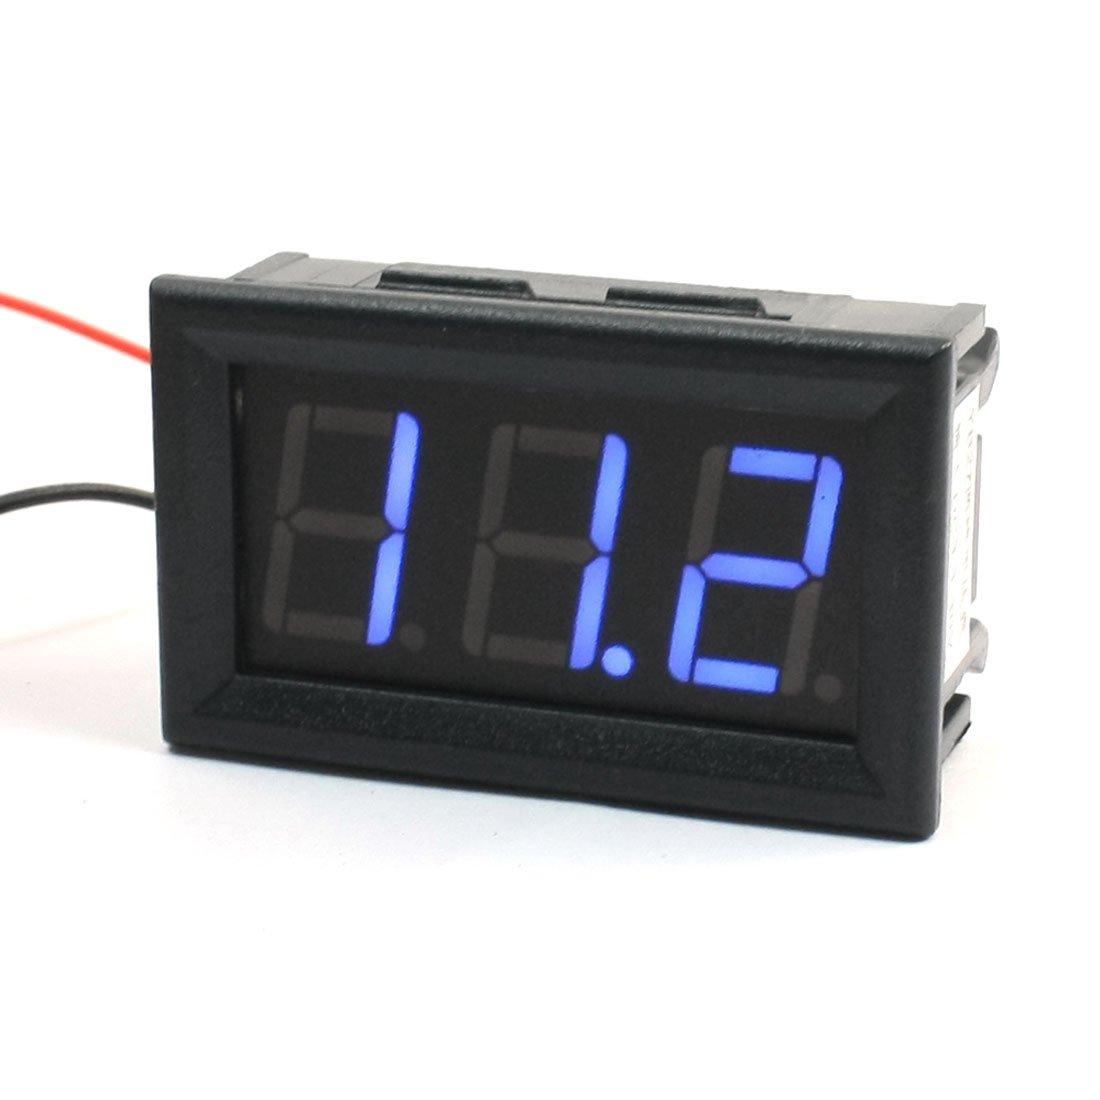 Dimart Panel Mount Blue LED Display Voltage Meter Voltmeter DC4.5-30V